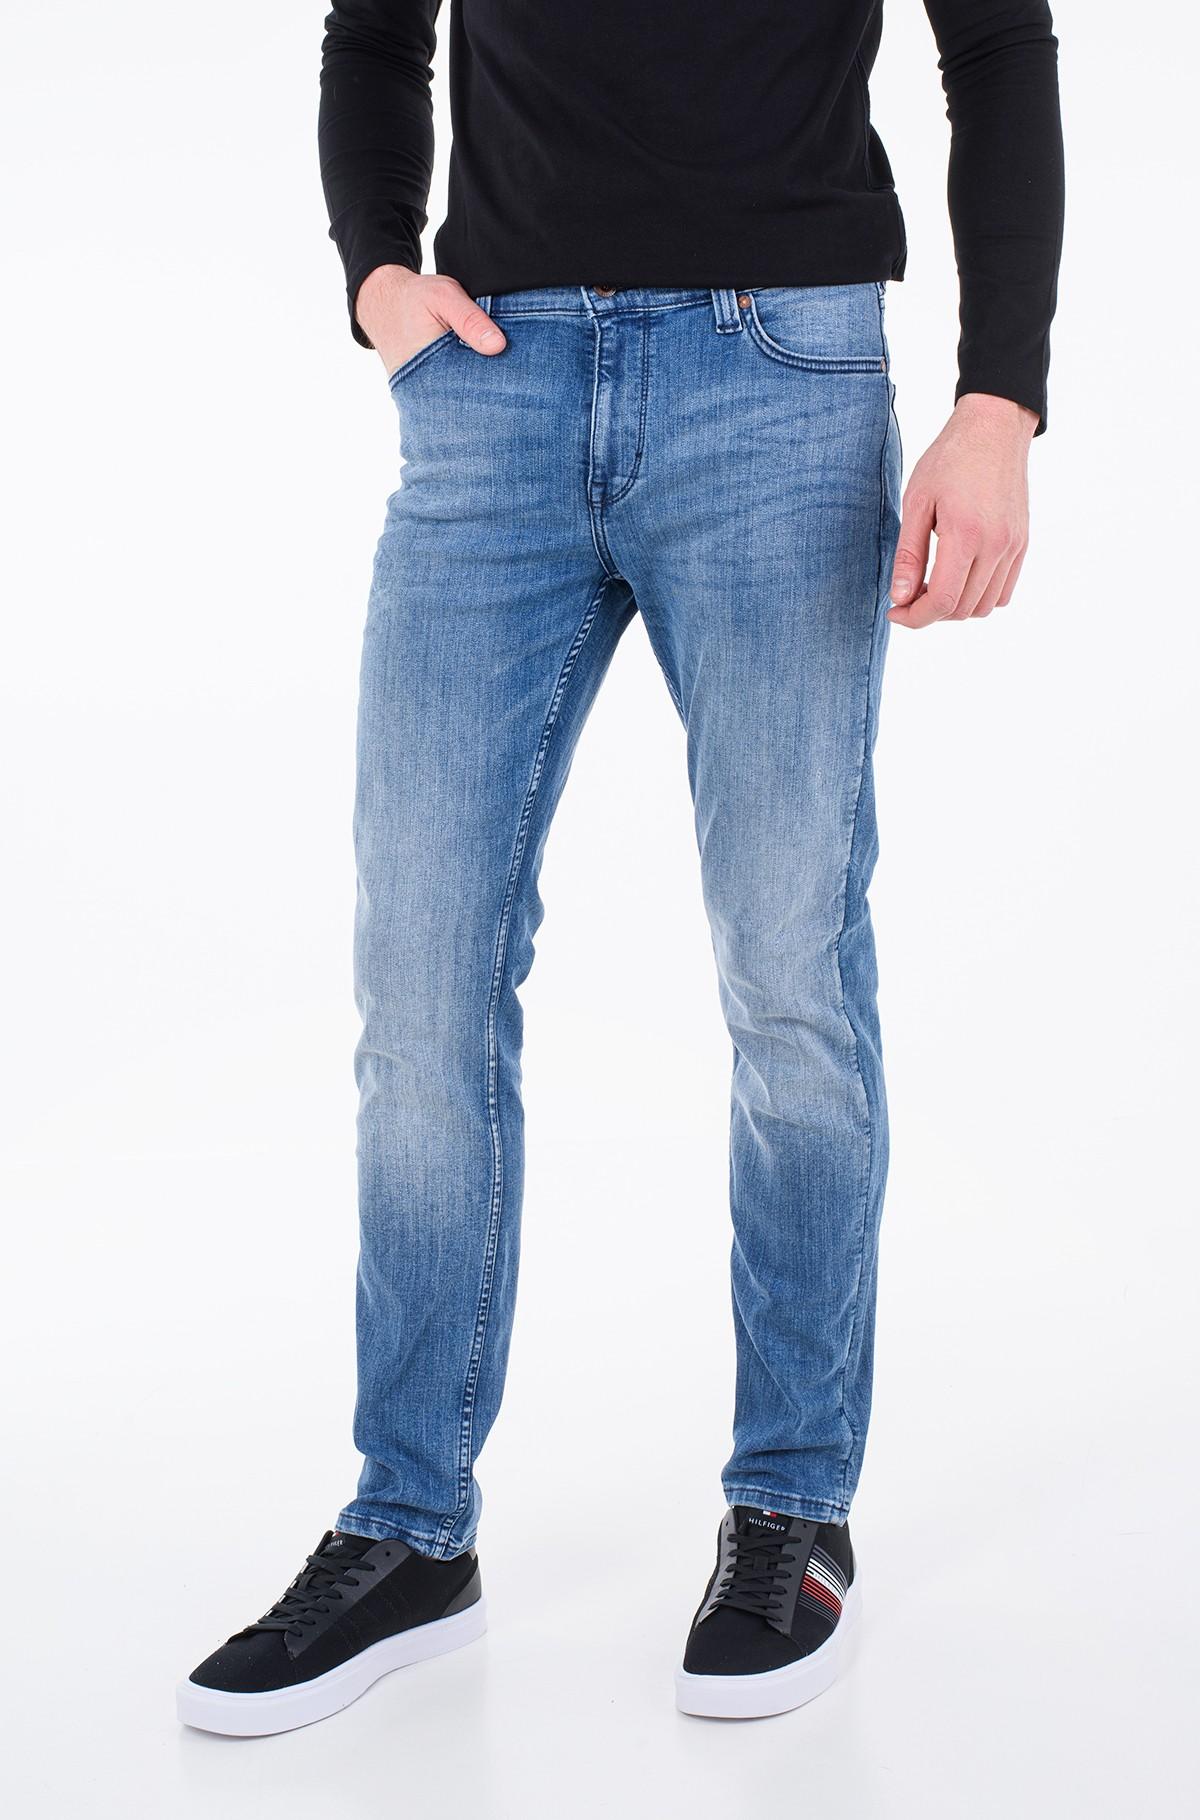 Jeans 101-0866-full-1